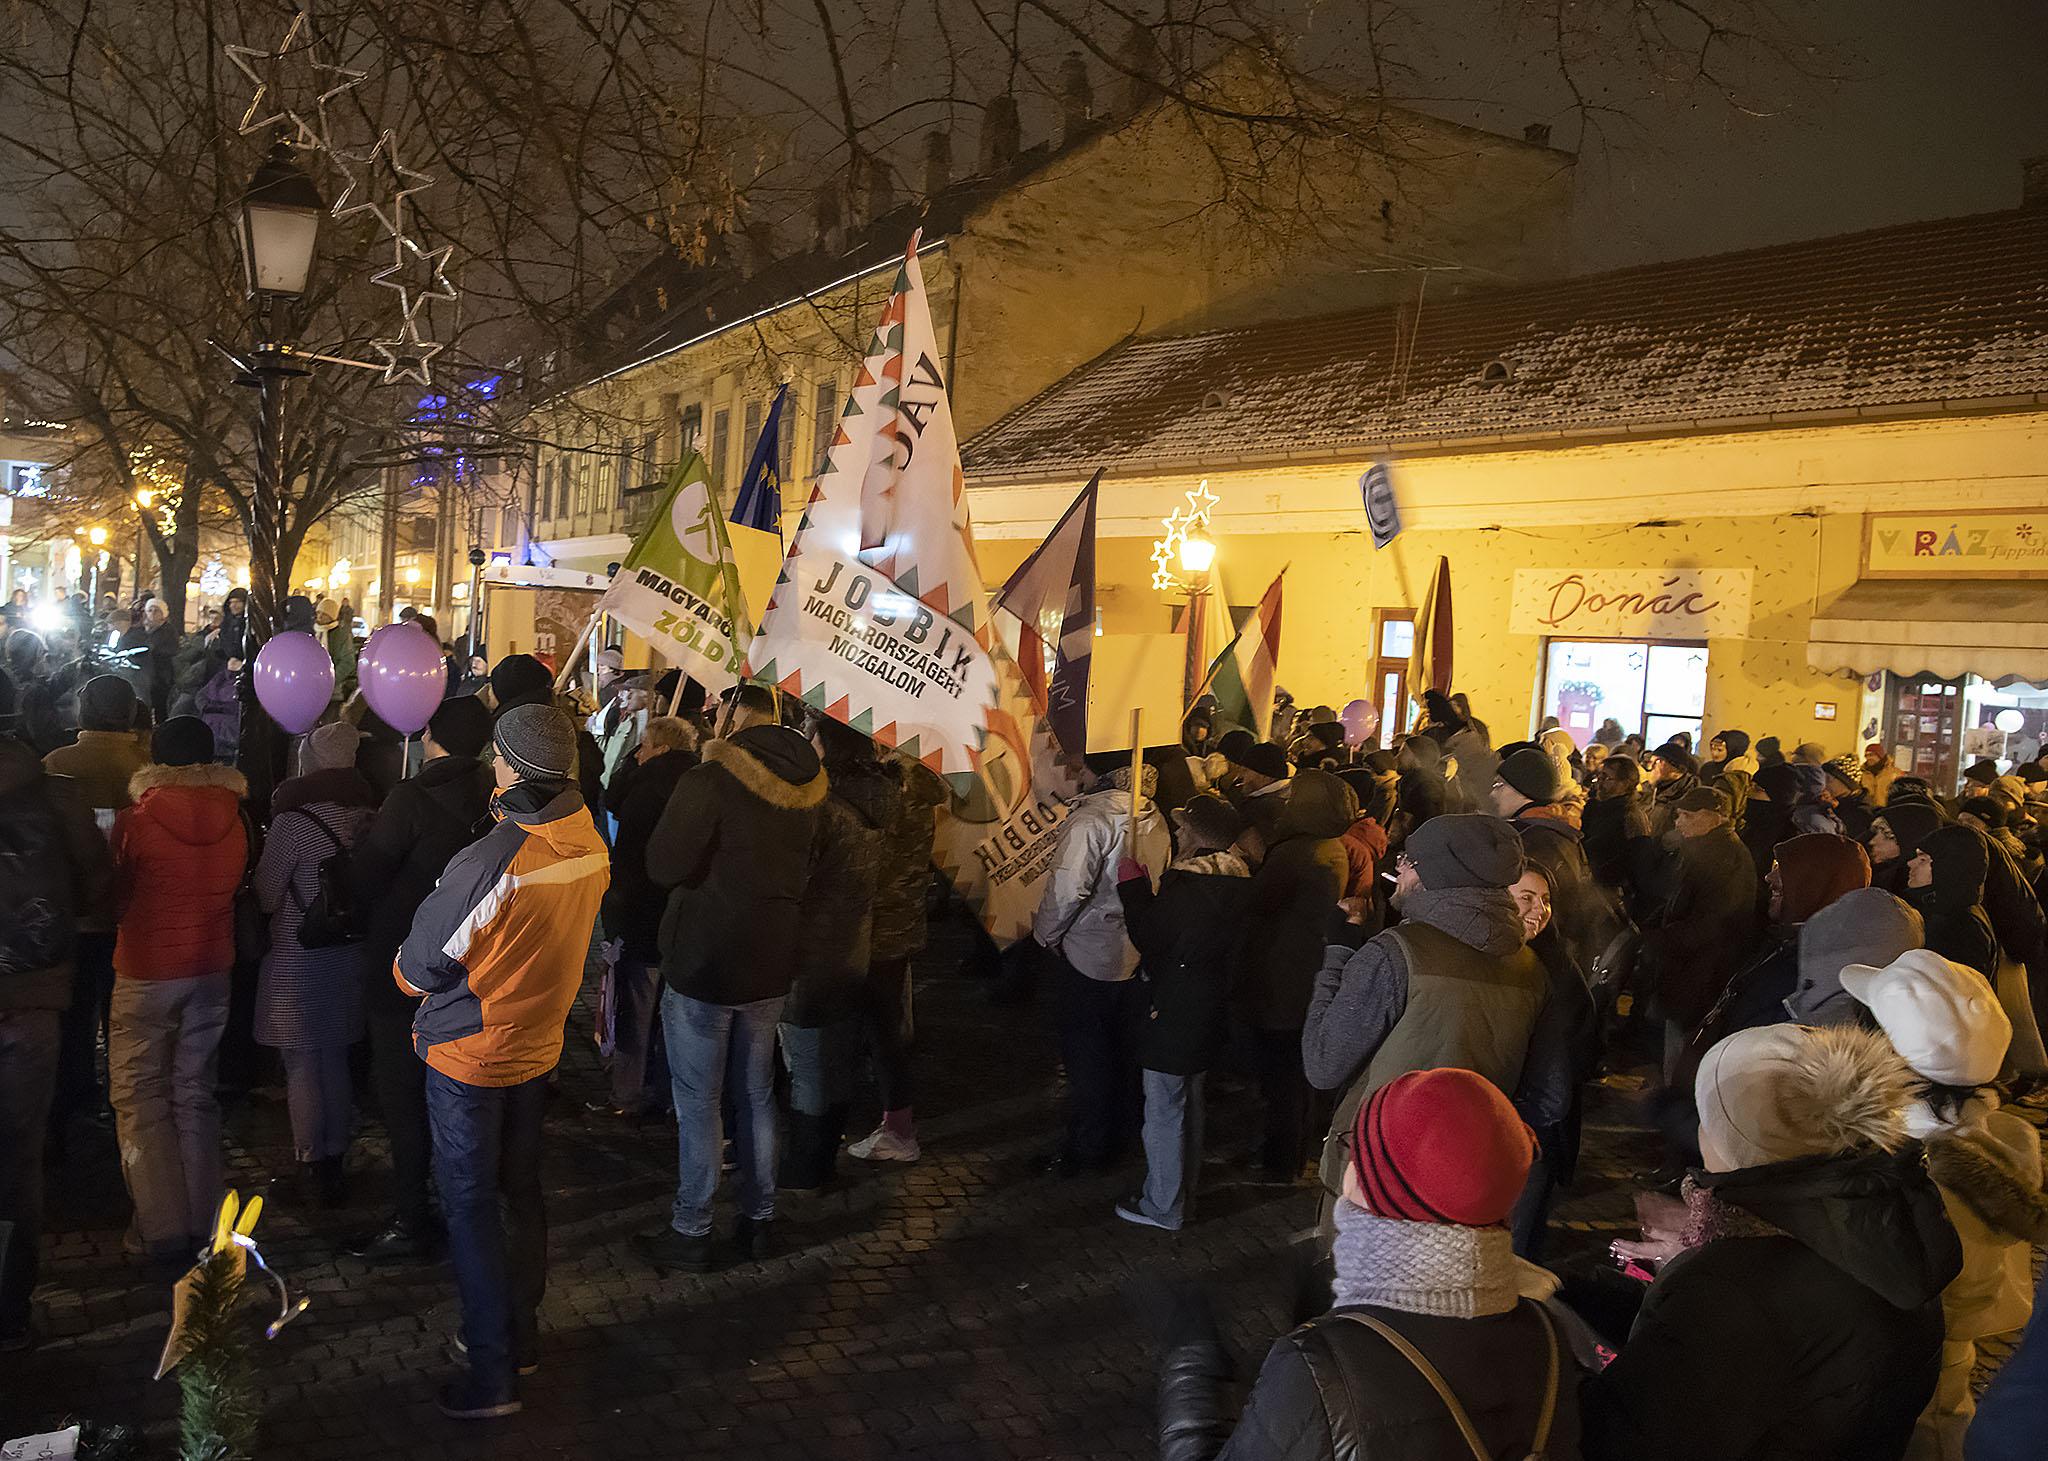 Több száz ember tüntetett a kormány ellen Vácon is